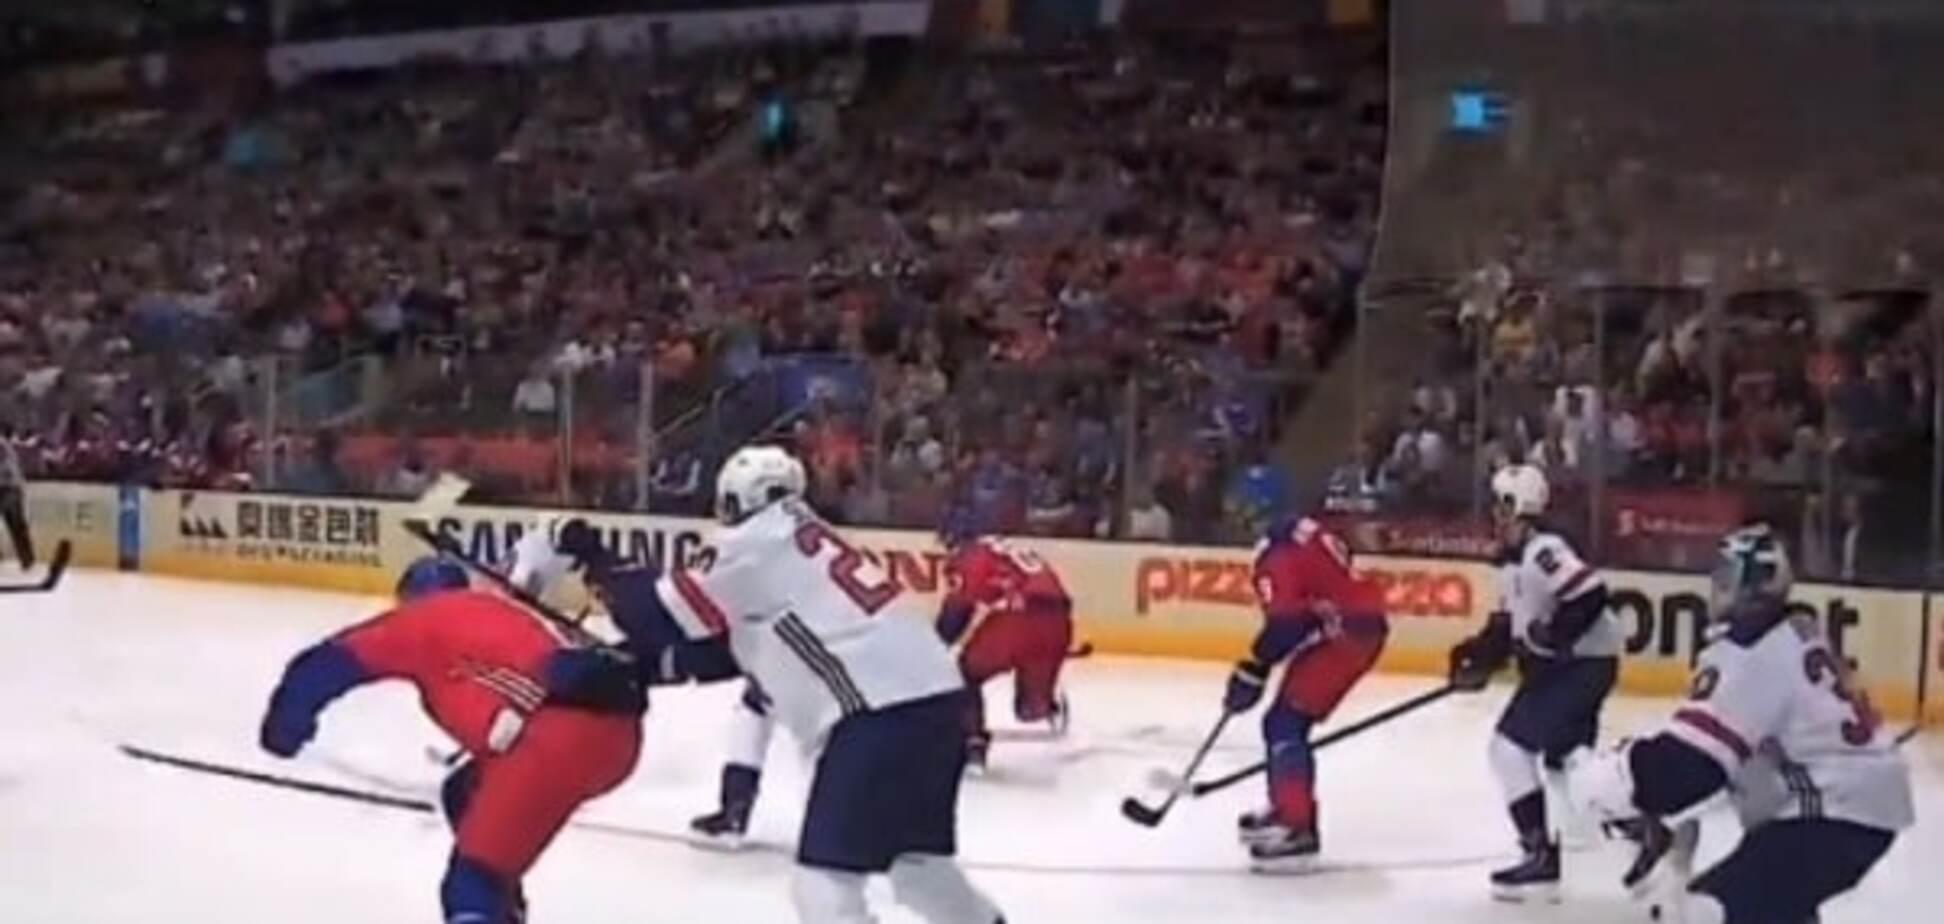 Збірна США зганьбилася на Кубку світу з хокею